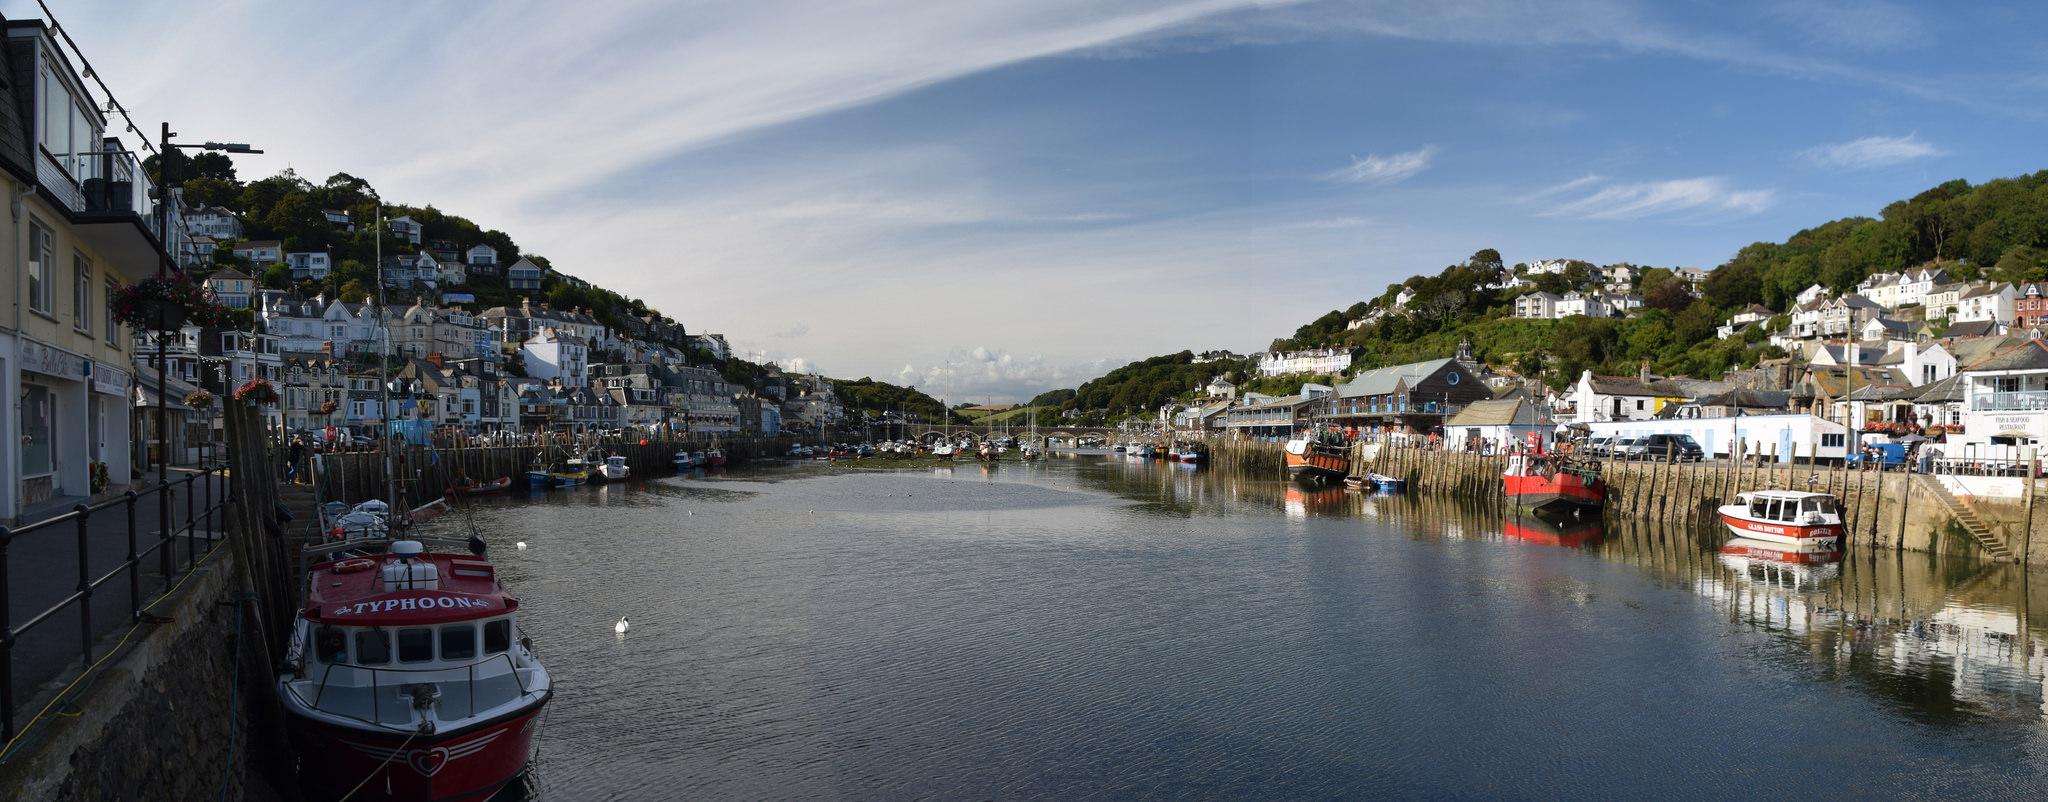 Looe Harbour by Worthing Wanderer.jpg